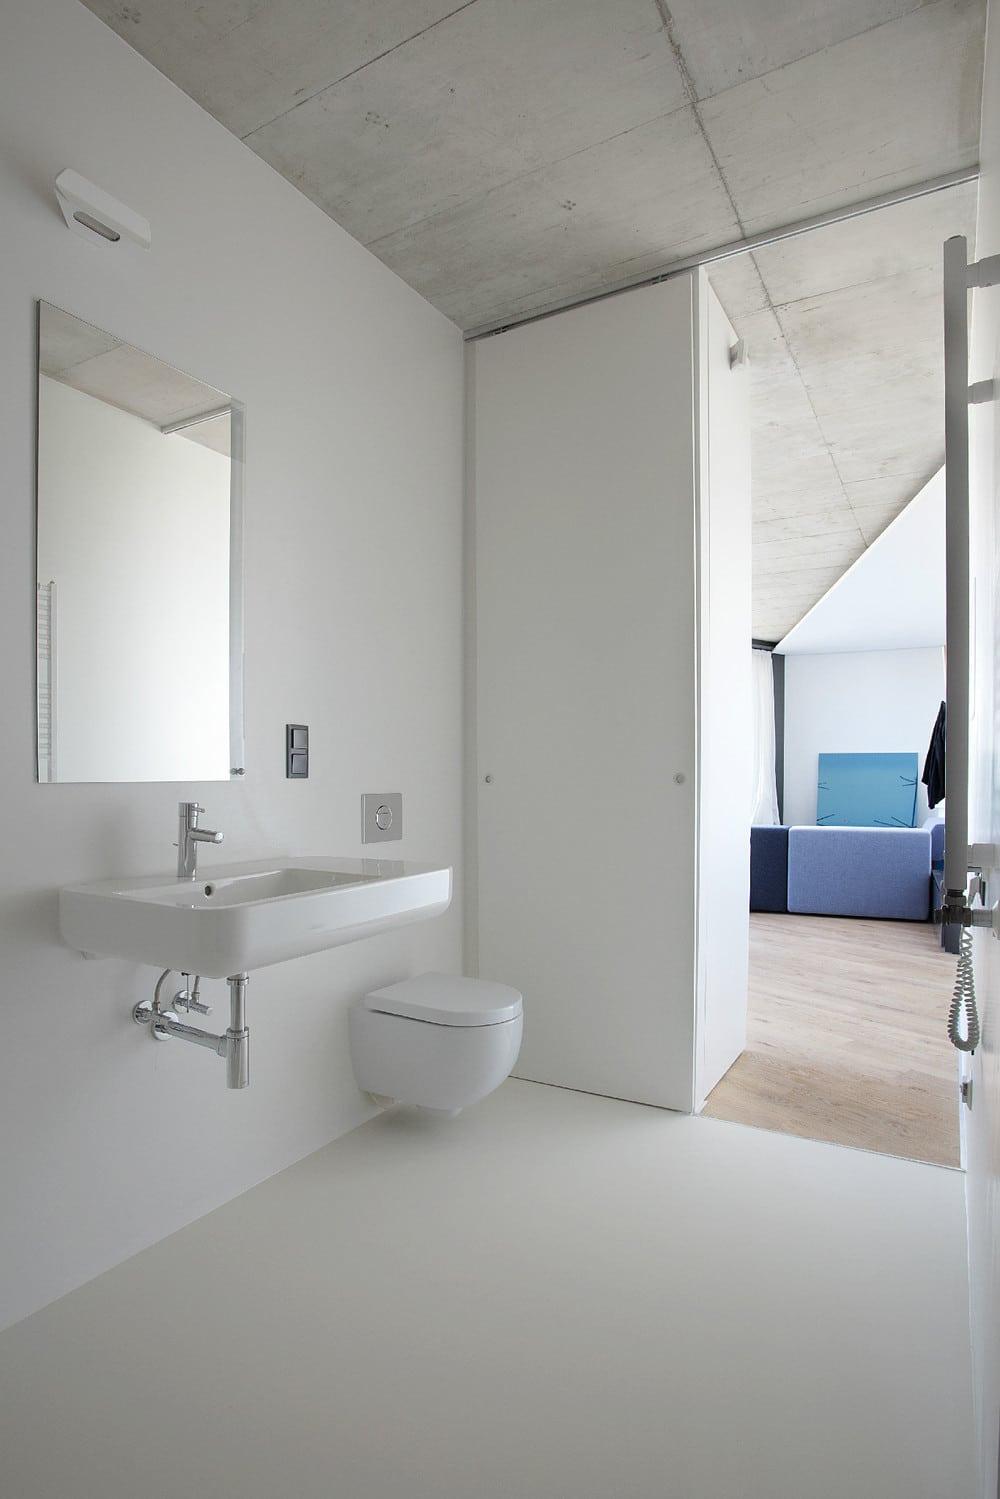 Diseno De Baño Social:Diseño de cuarto de baño irregular en colorblanco